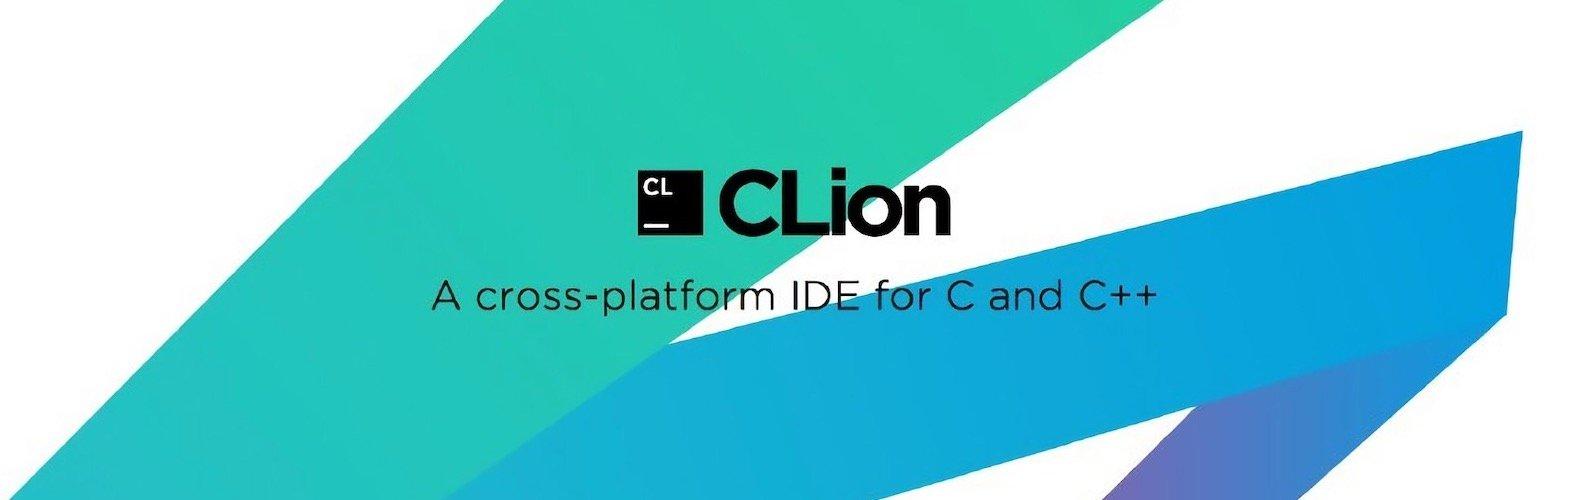 CLion 2018.1.3 功能超级强大的跨平台 C/C++ 开发工具